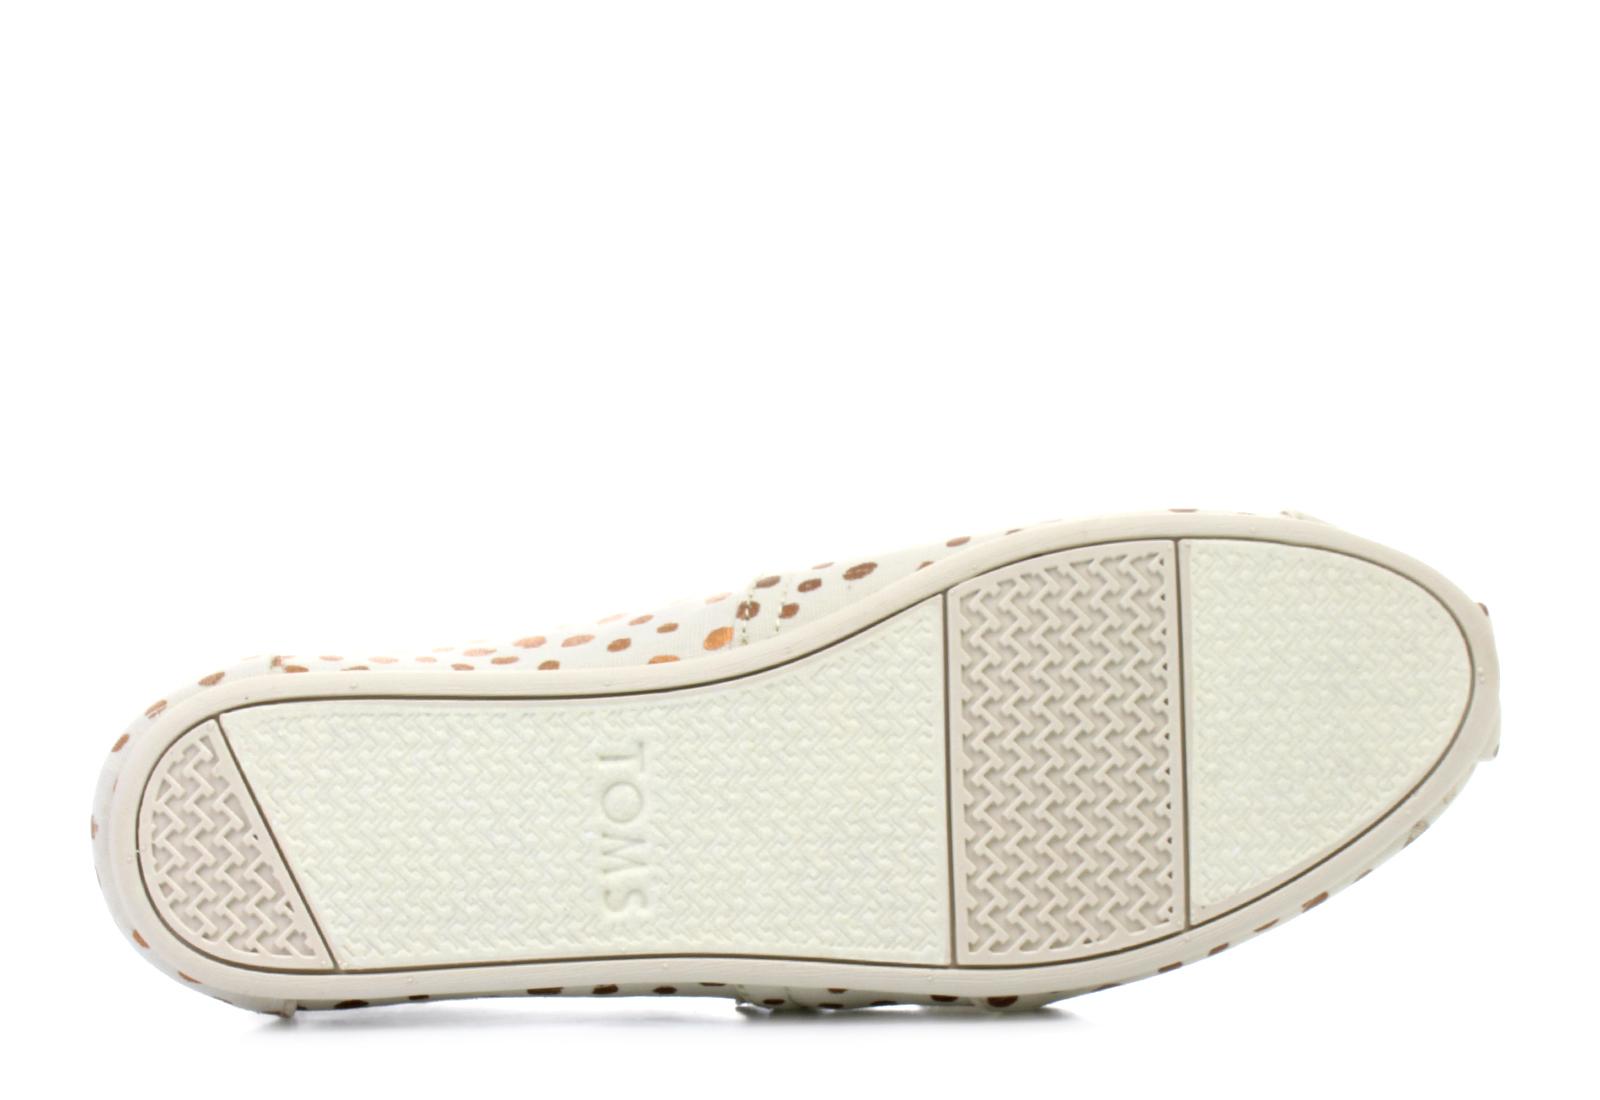 da32d207ce Toms Cipő - Alpargata - 10011646-nat - Office Shoes Magyarország